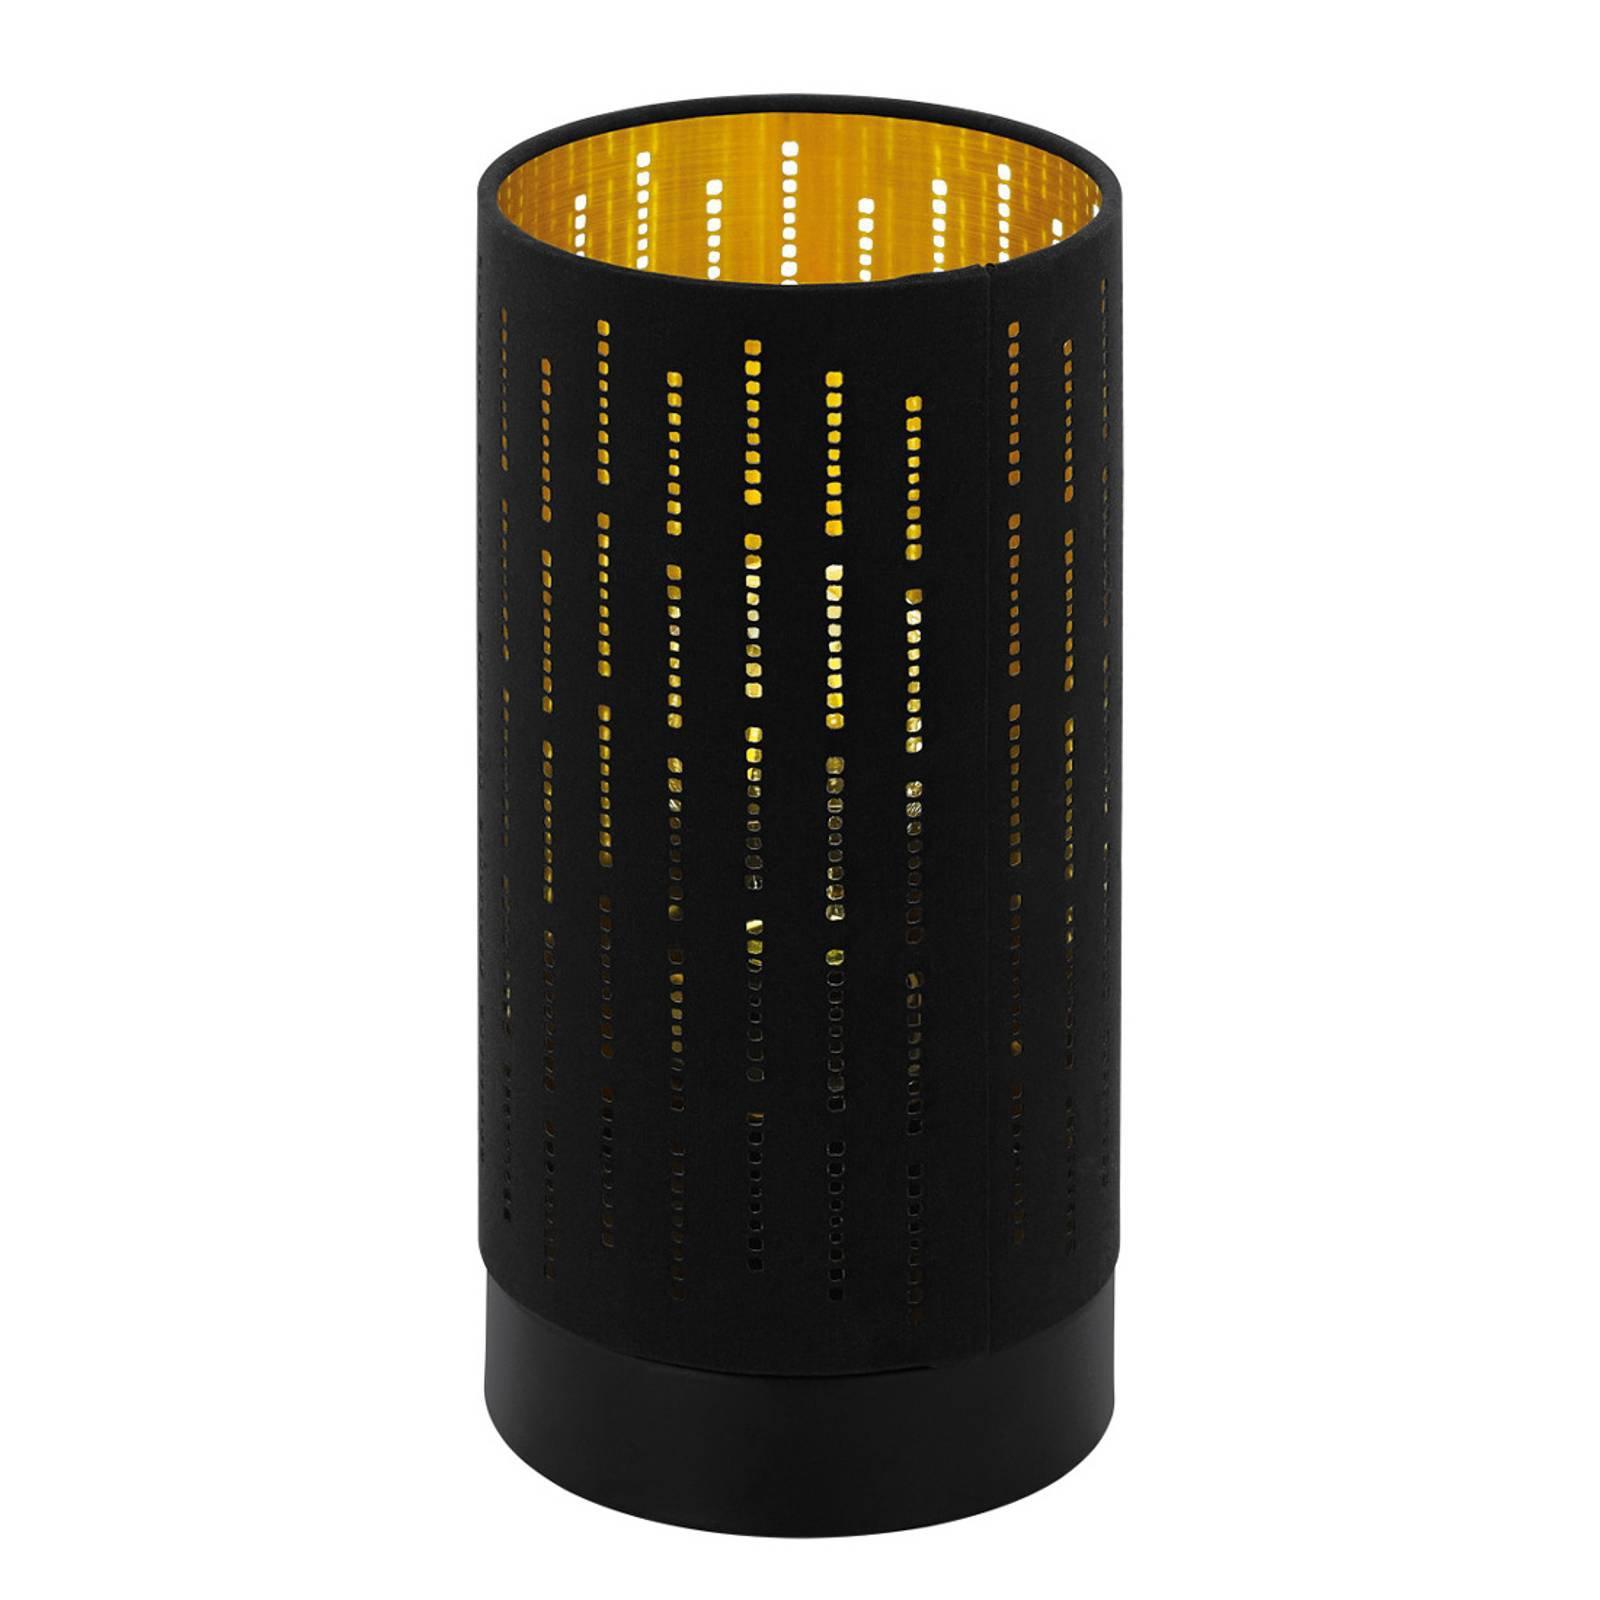 Bordlampe Varillas med perforering